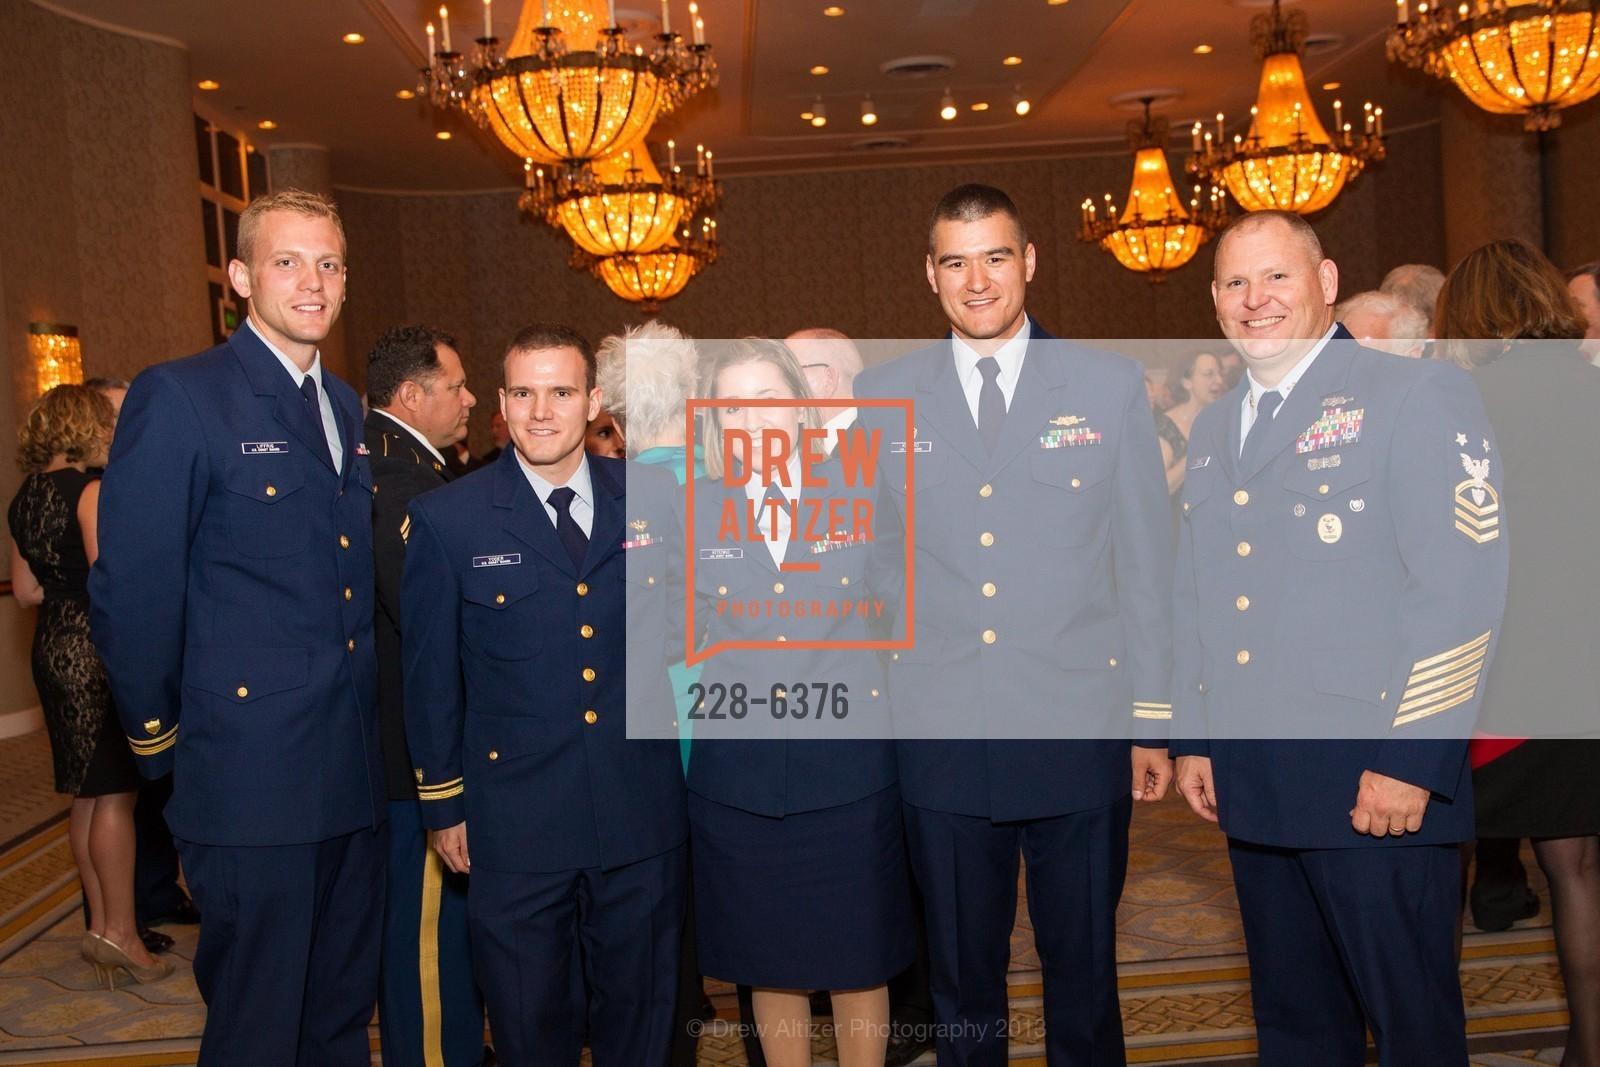 Joseph Liffrig, Rory Yoder, Noelle Kitenko, Rob Bushey, Photo #228-6376